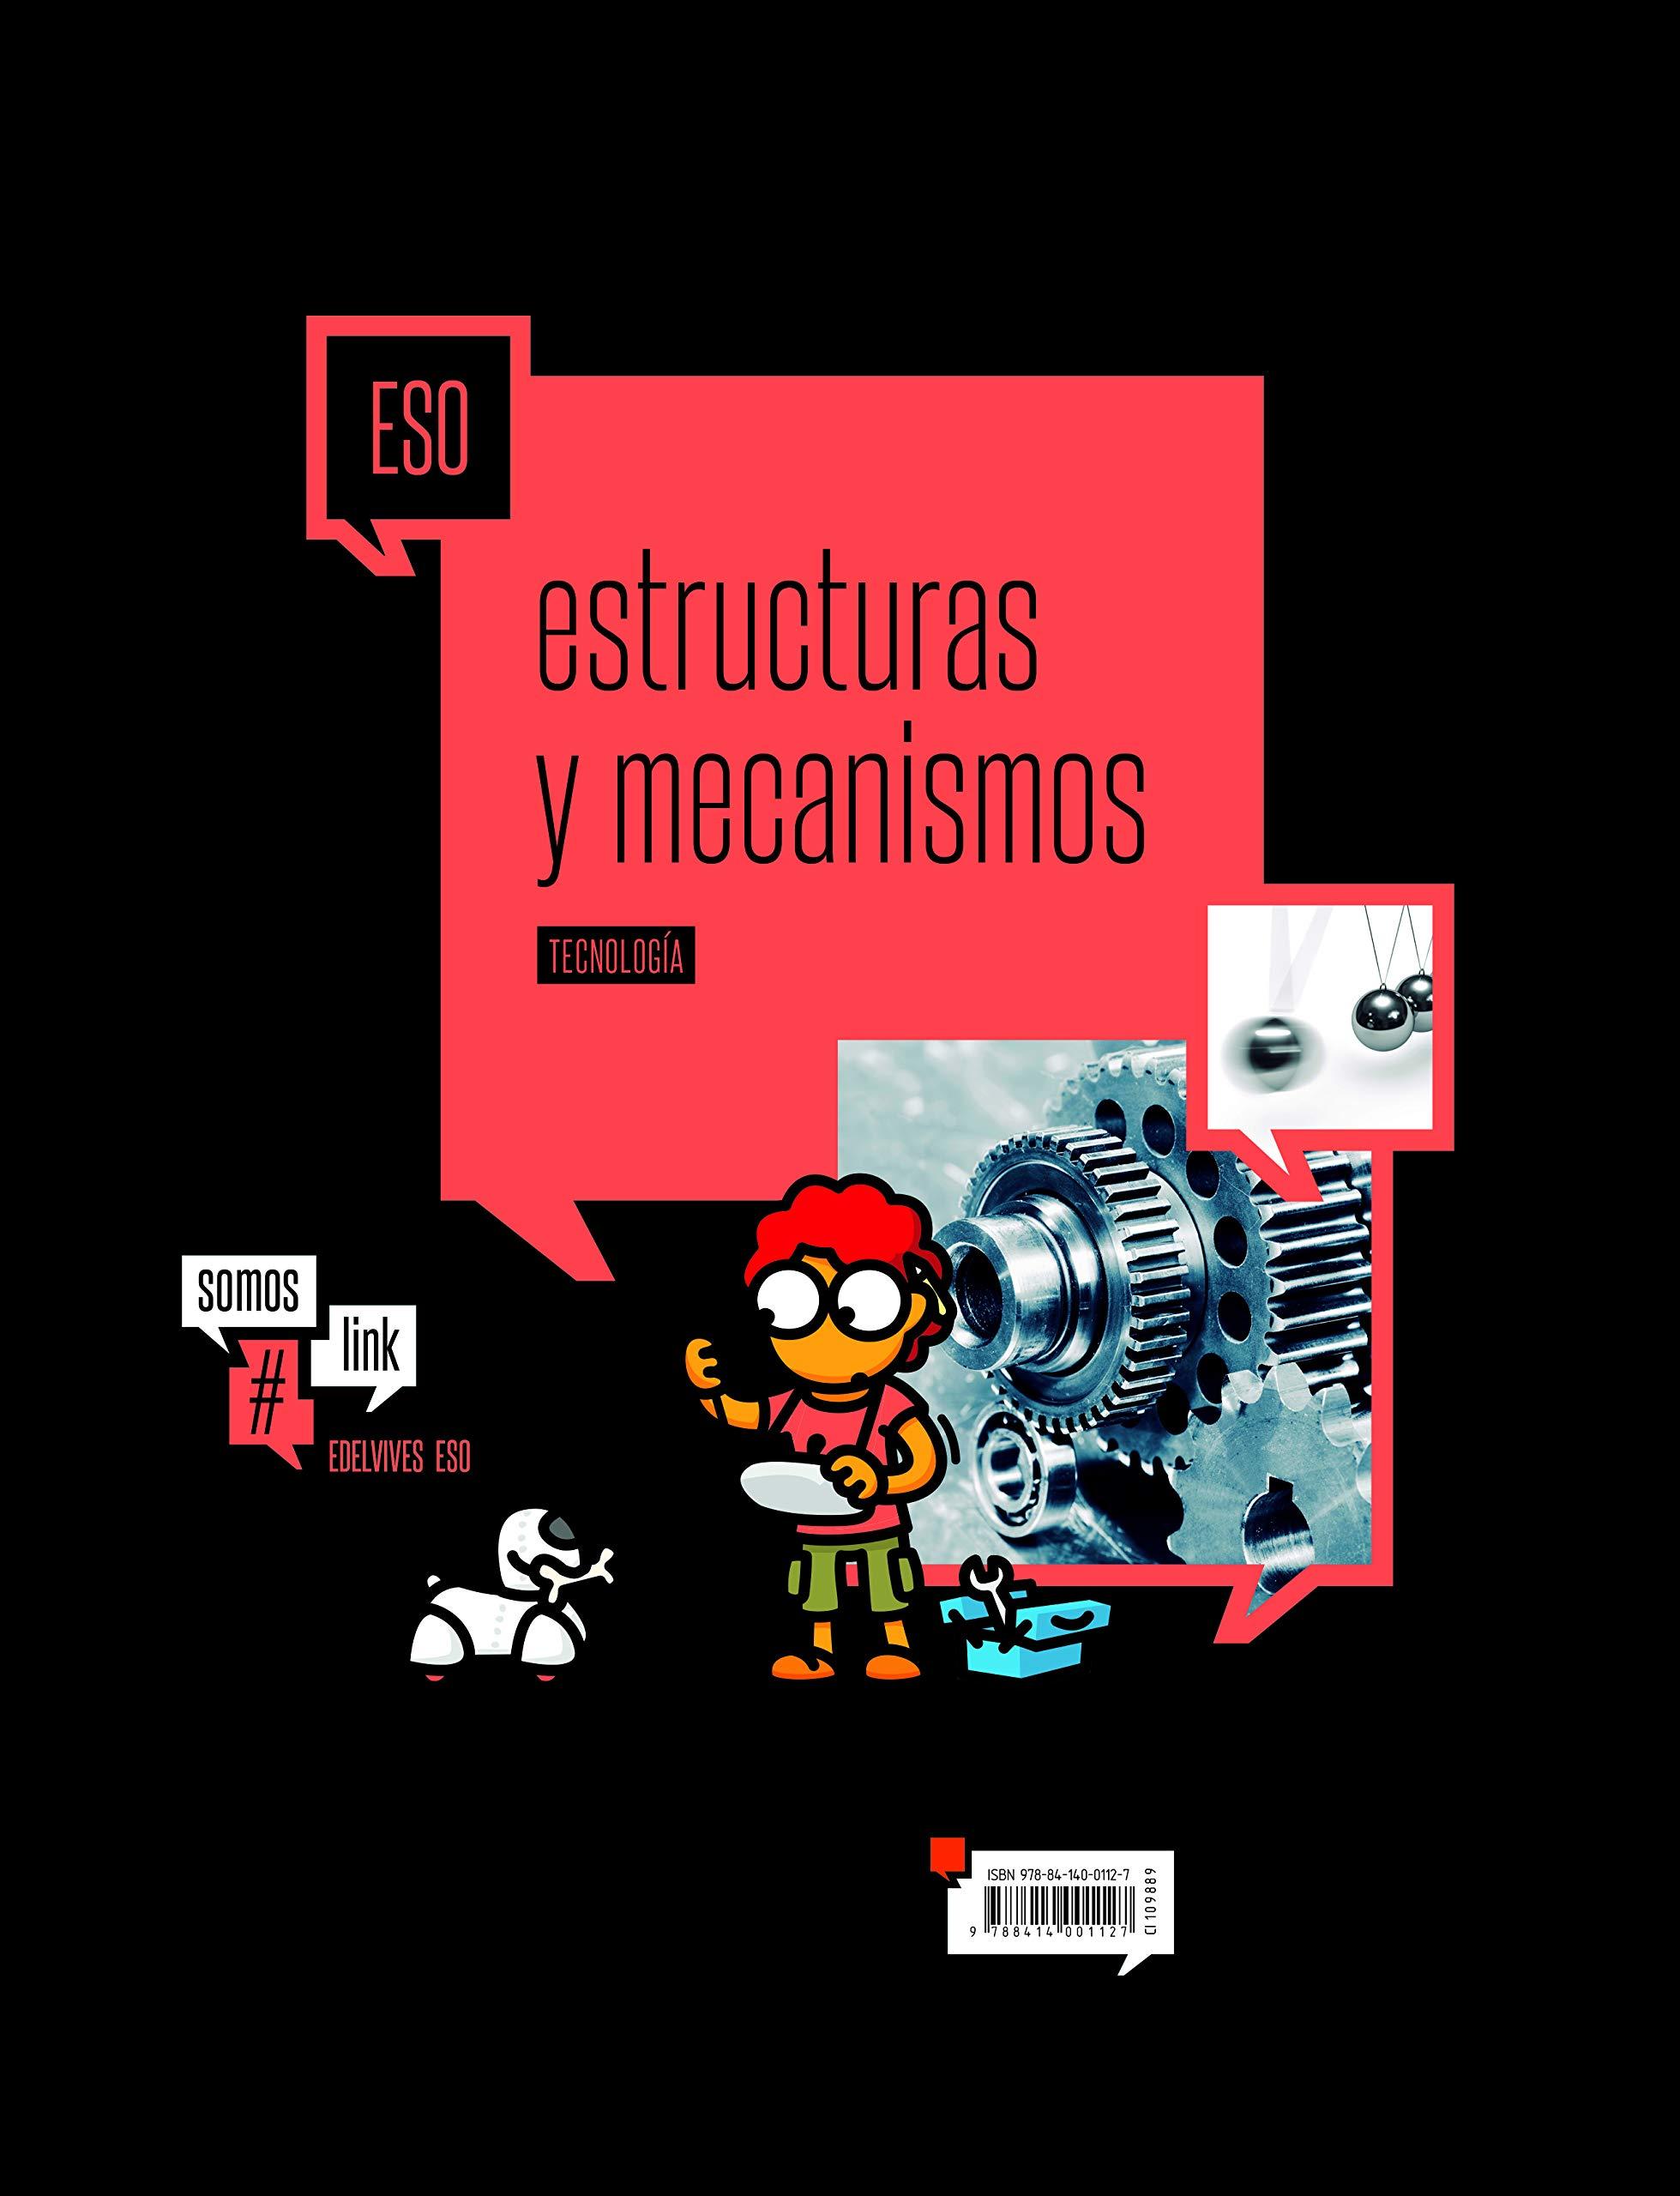 Tecnologia 4 ESO - Extructuras y mecanismos SomosLink ...